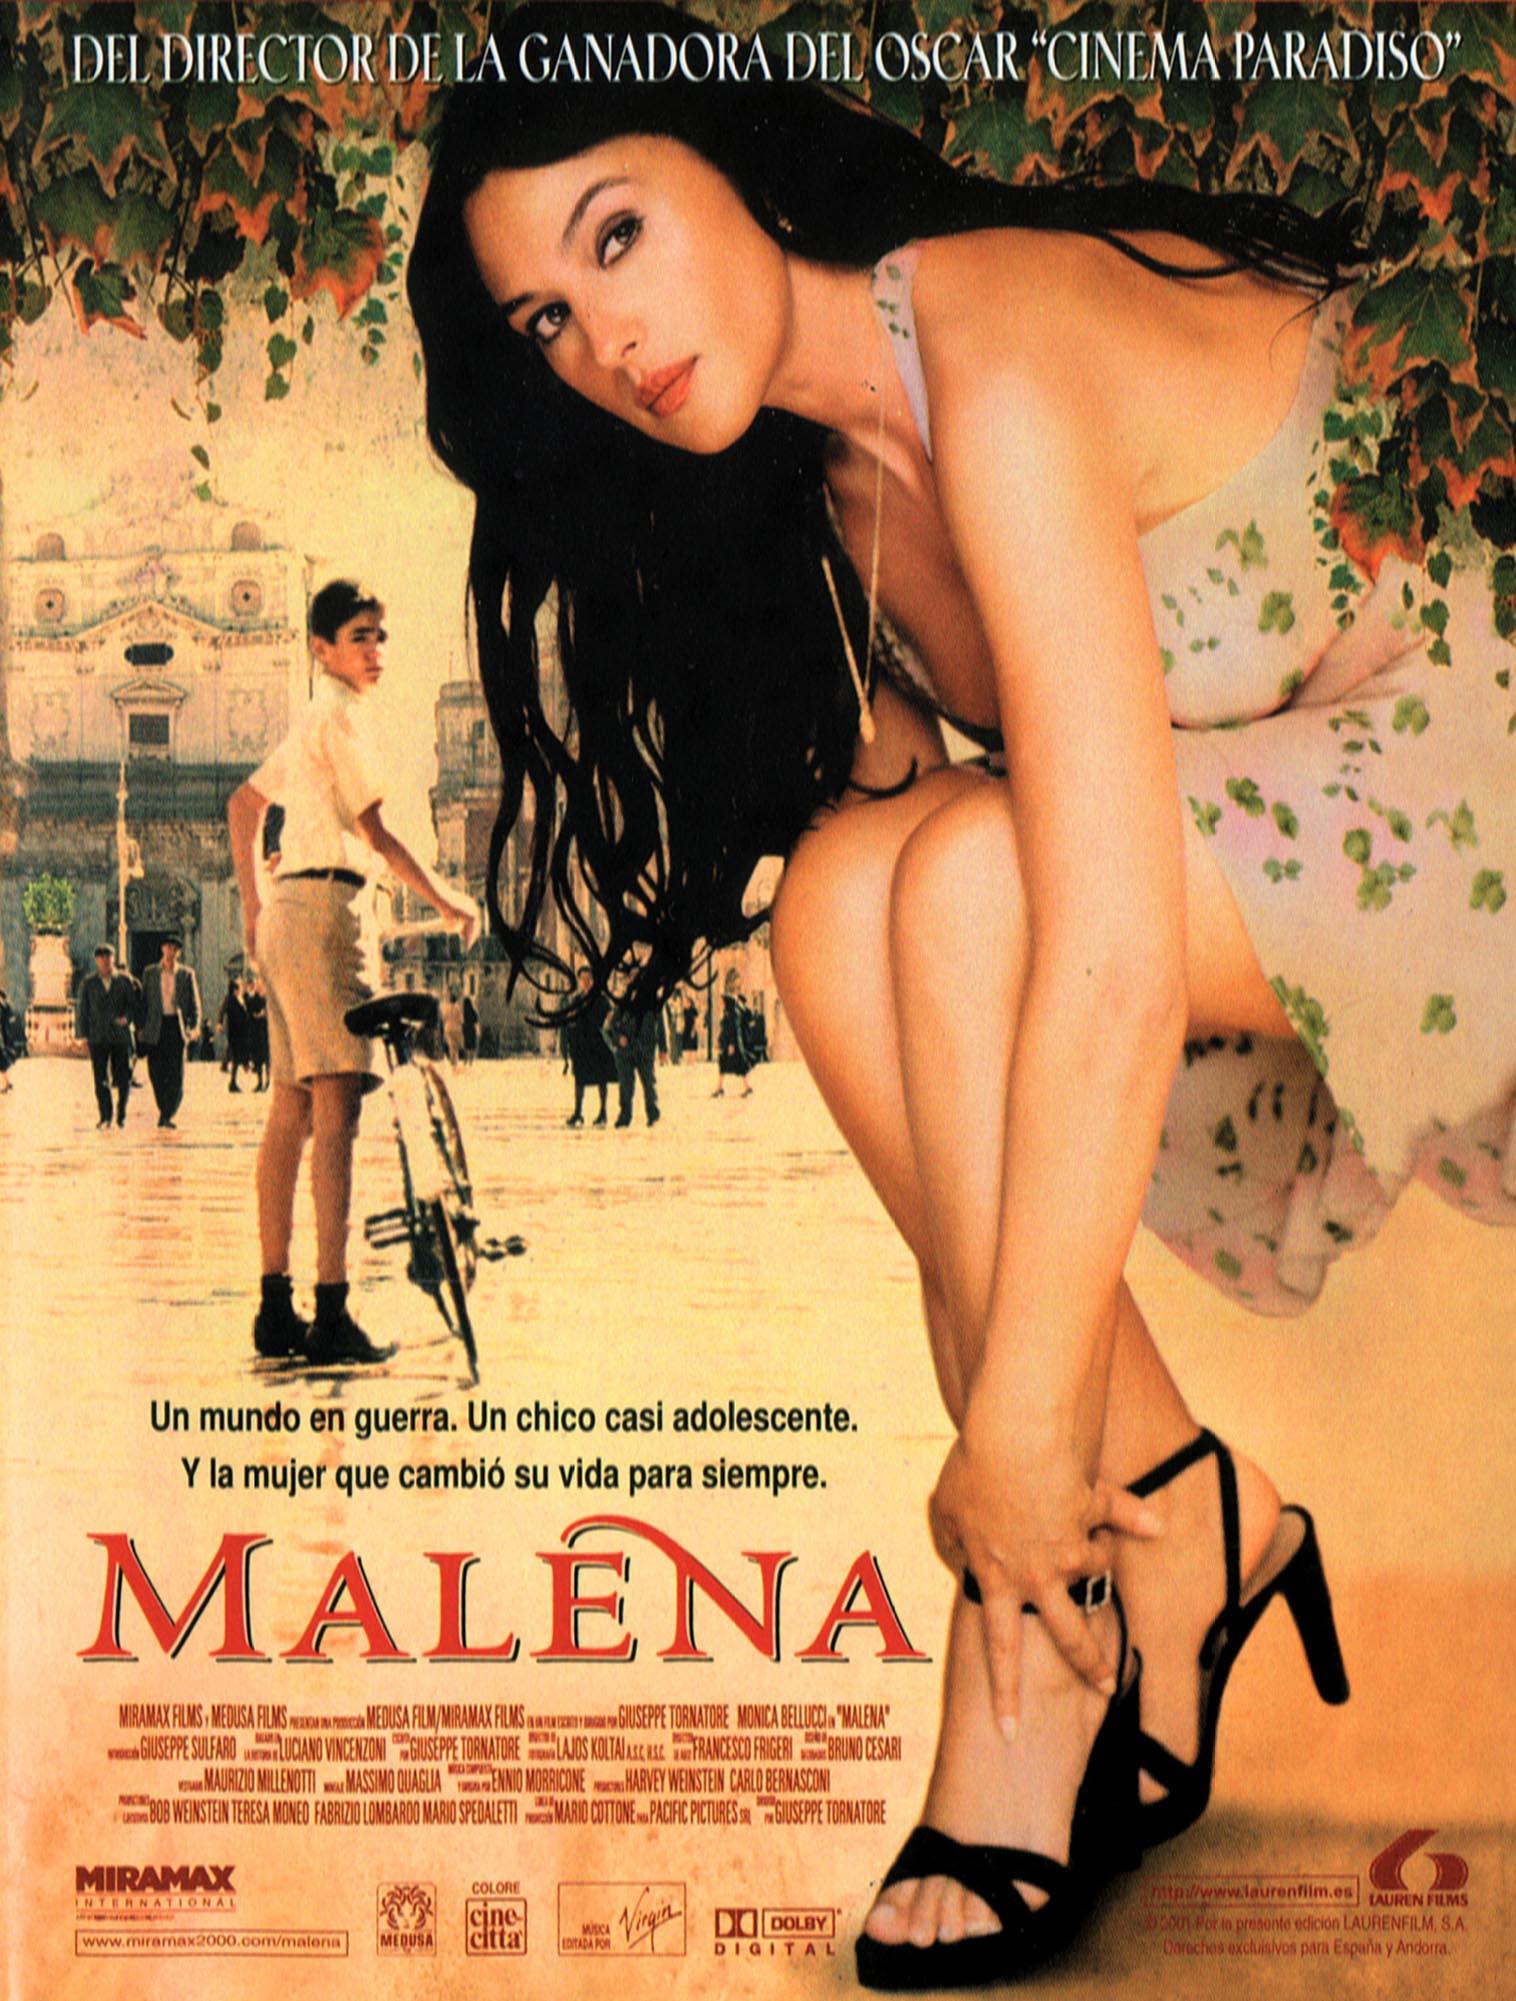 دانلود فیلم اسپانیایی سه متر بالاتر از آسمان دانلود فیلم های اسپانیایی با زیرنویس فارسی: دانلود فیلم عروس